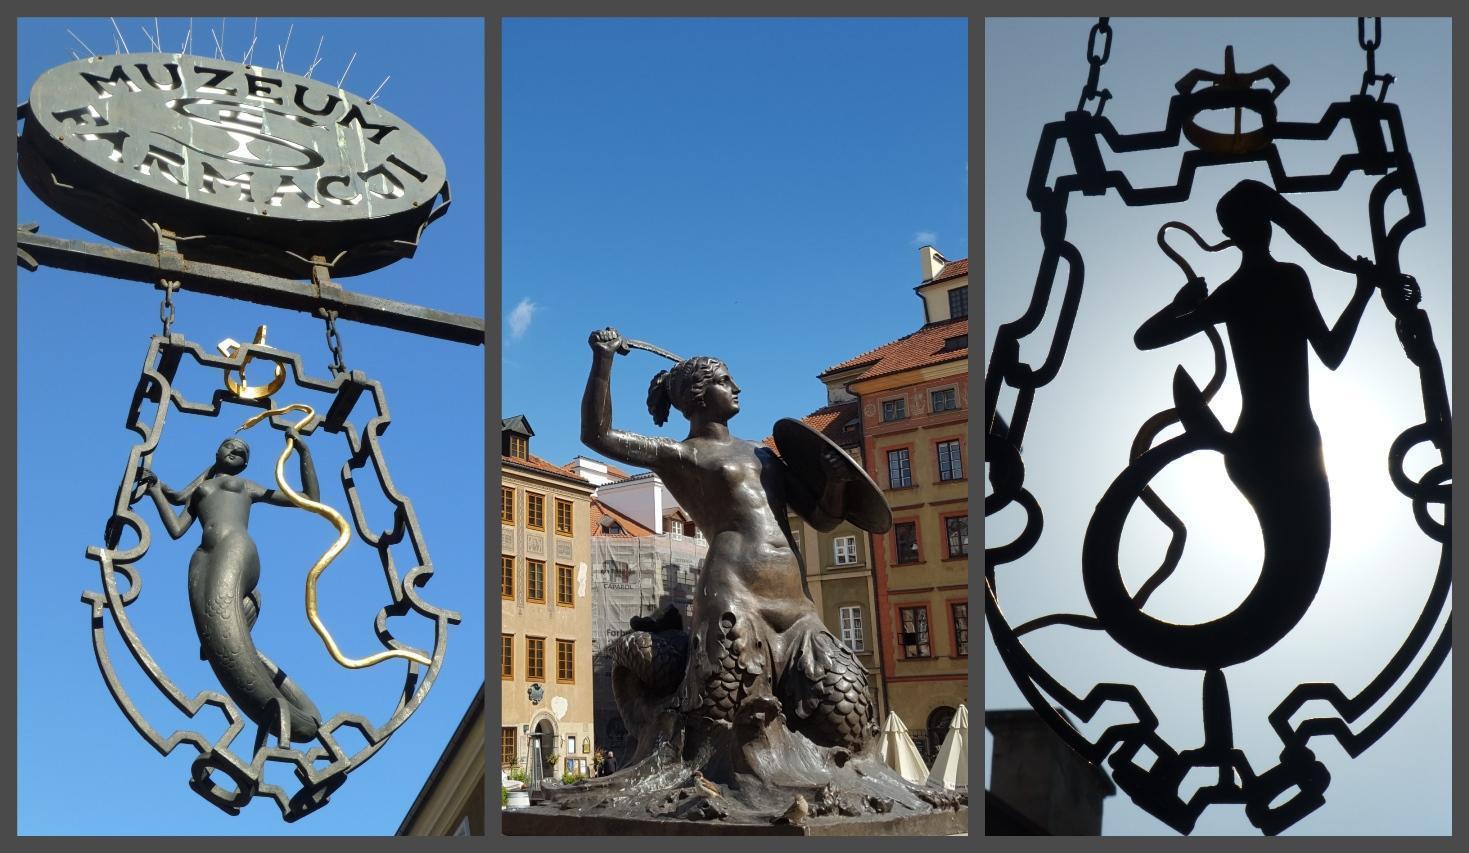 La sirena di Varsavia è il simbolo della città